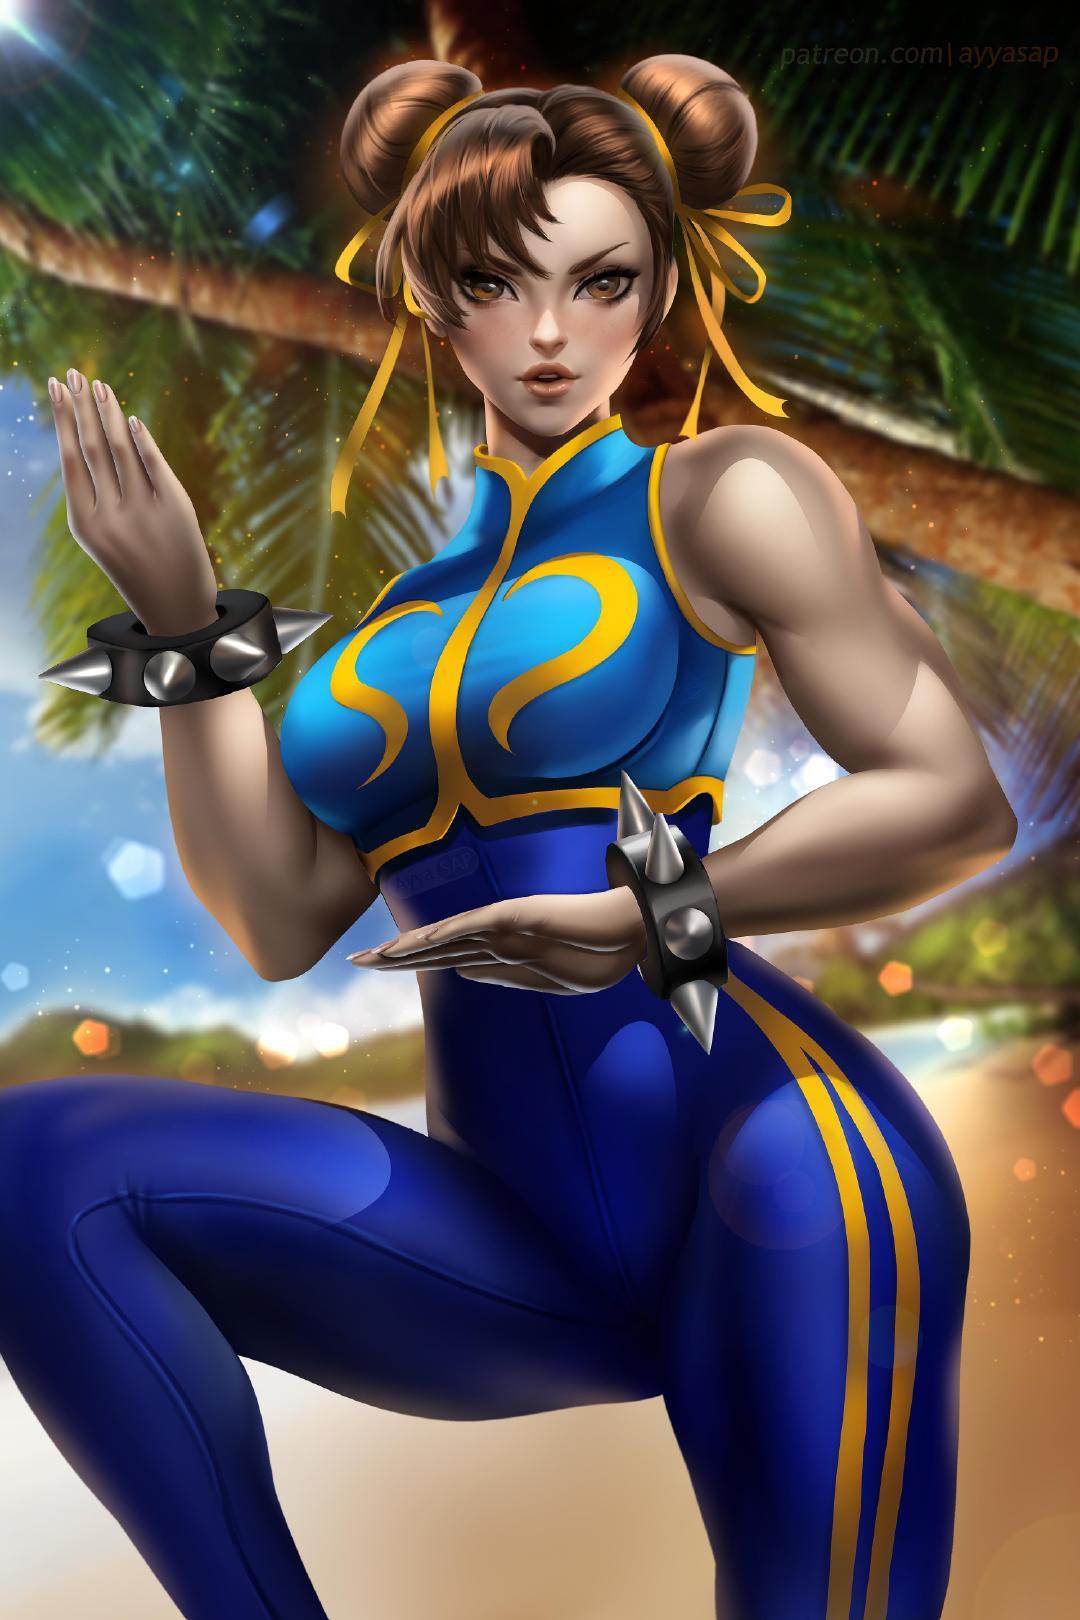 Chun-Li Ayyasap Street Fighter